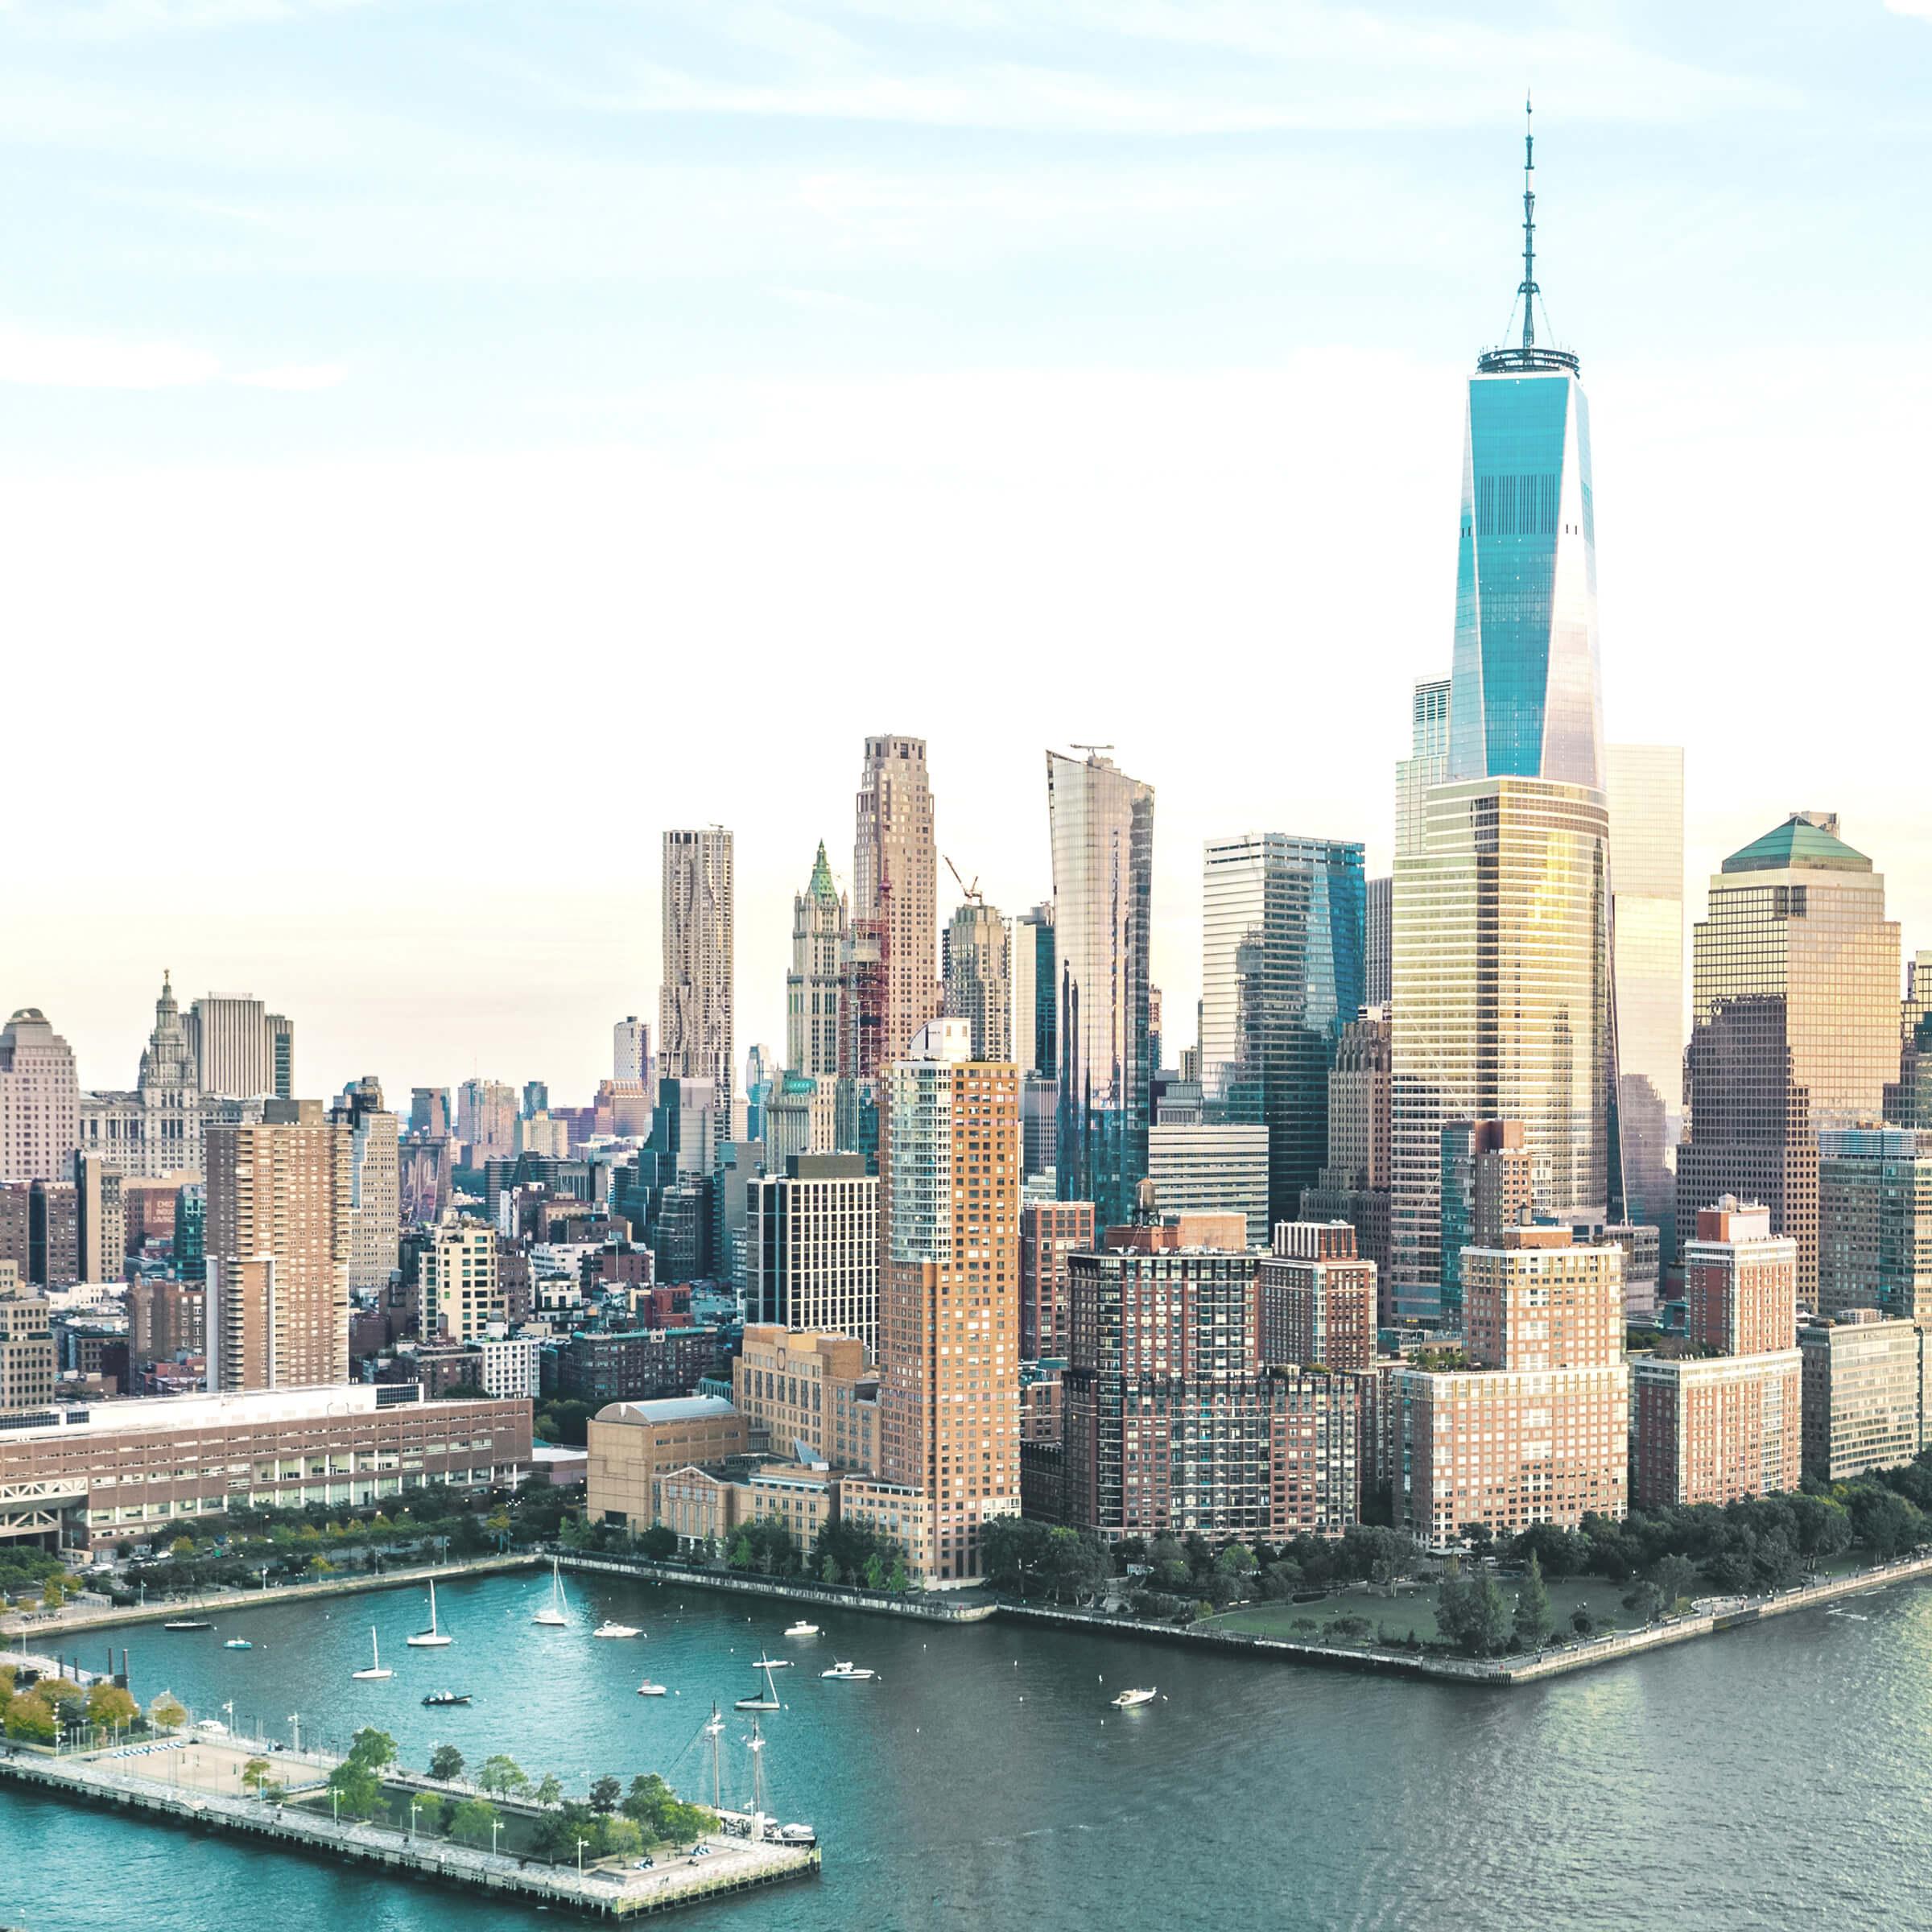 Widok na Freedom Tower na Manhattanie, gdzie znajduje się Wall Street